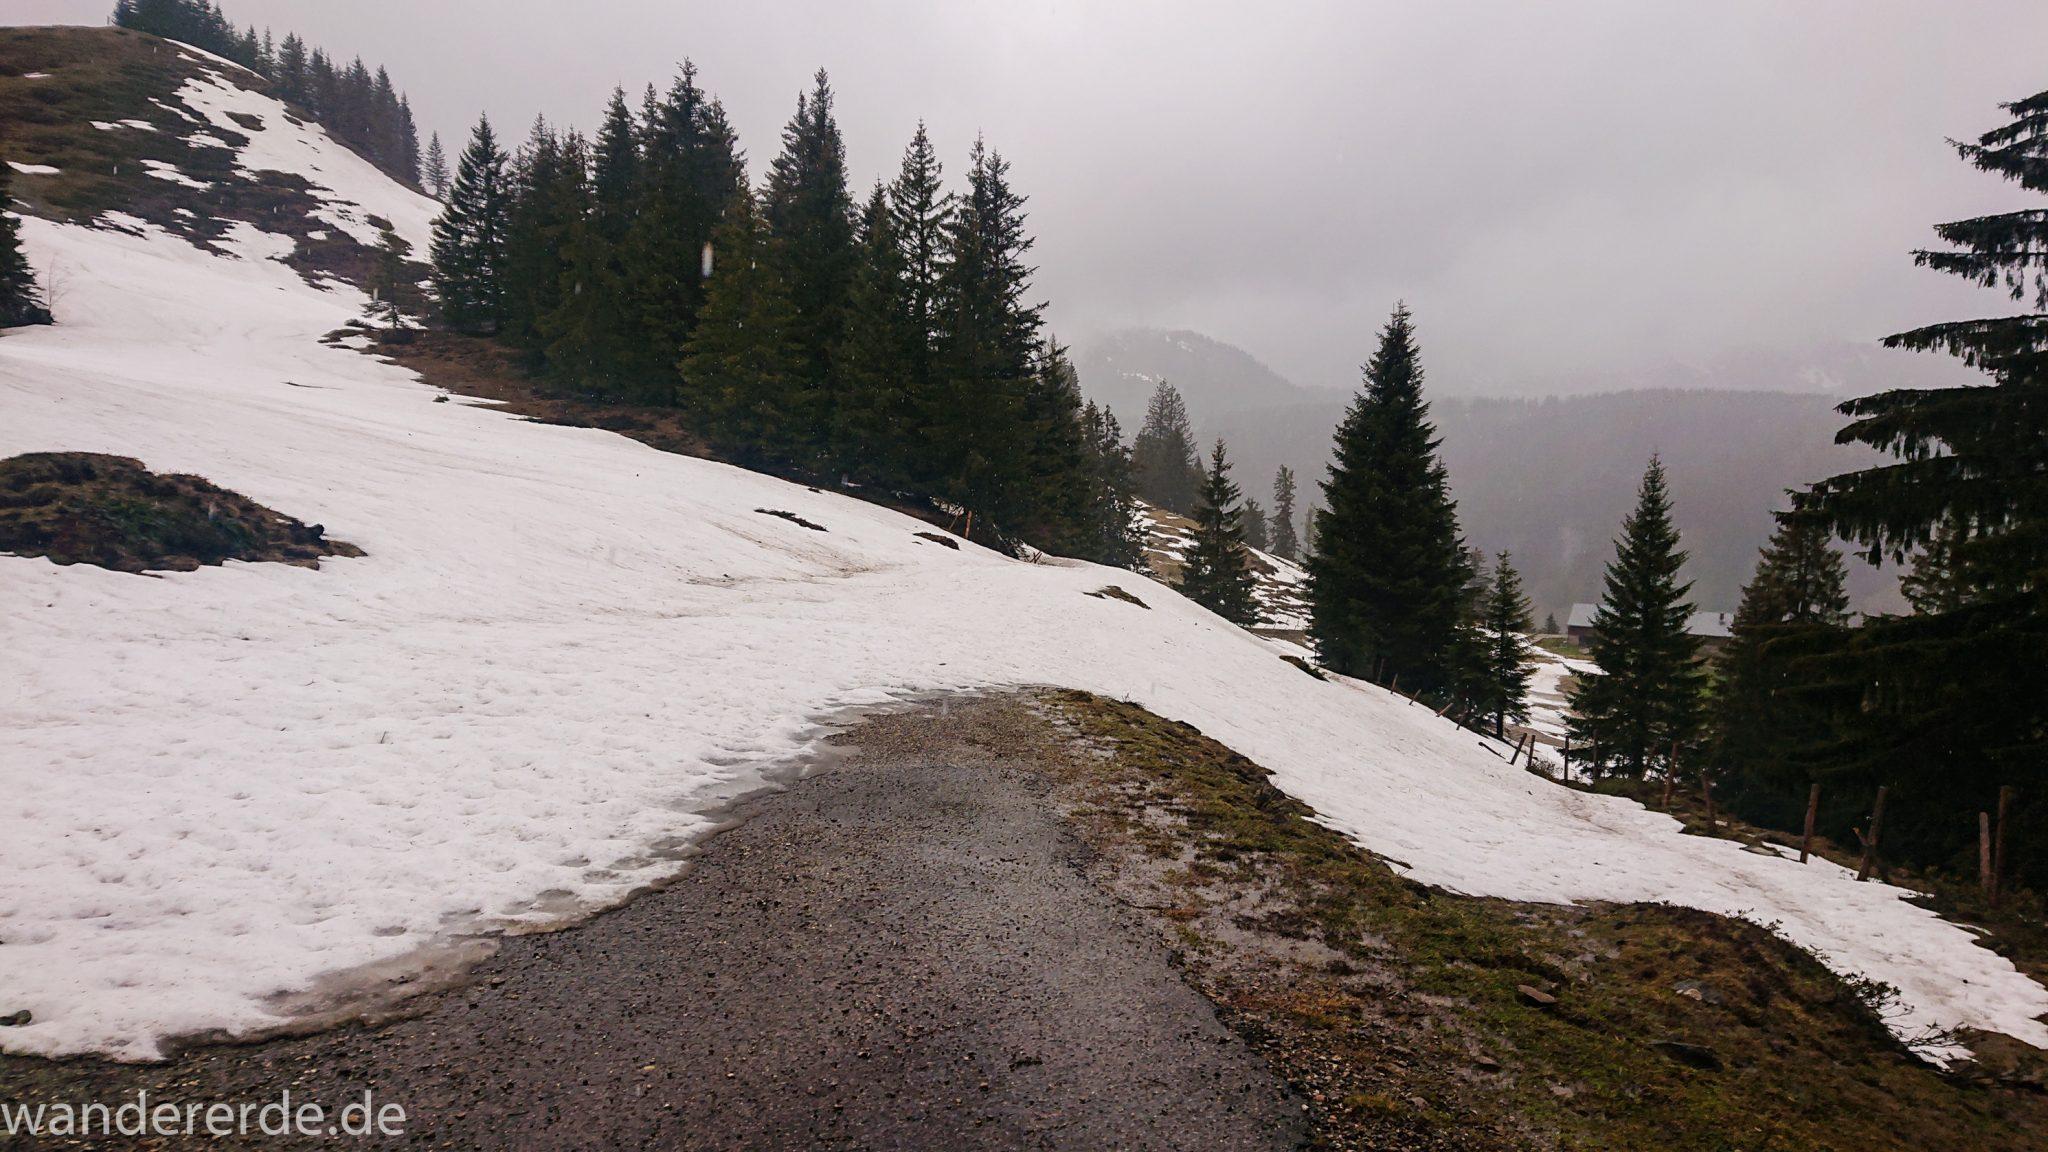 Wandern Gunzesrieder Ostertal im Allgäu, Baden-Württemberg, Obere Älple, viel Regen, dunkle Wolken, Schnee im Mai, saftig grüner Wald, Wanderweg unter Schnee